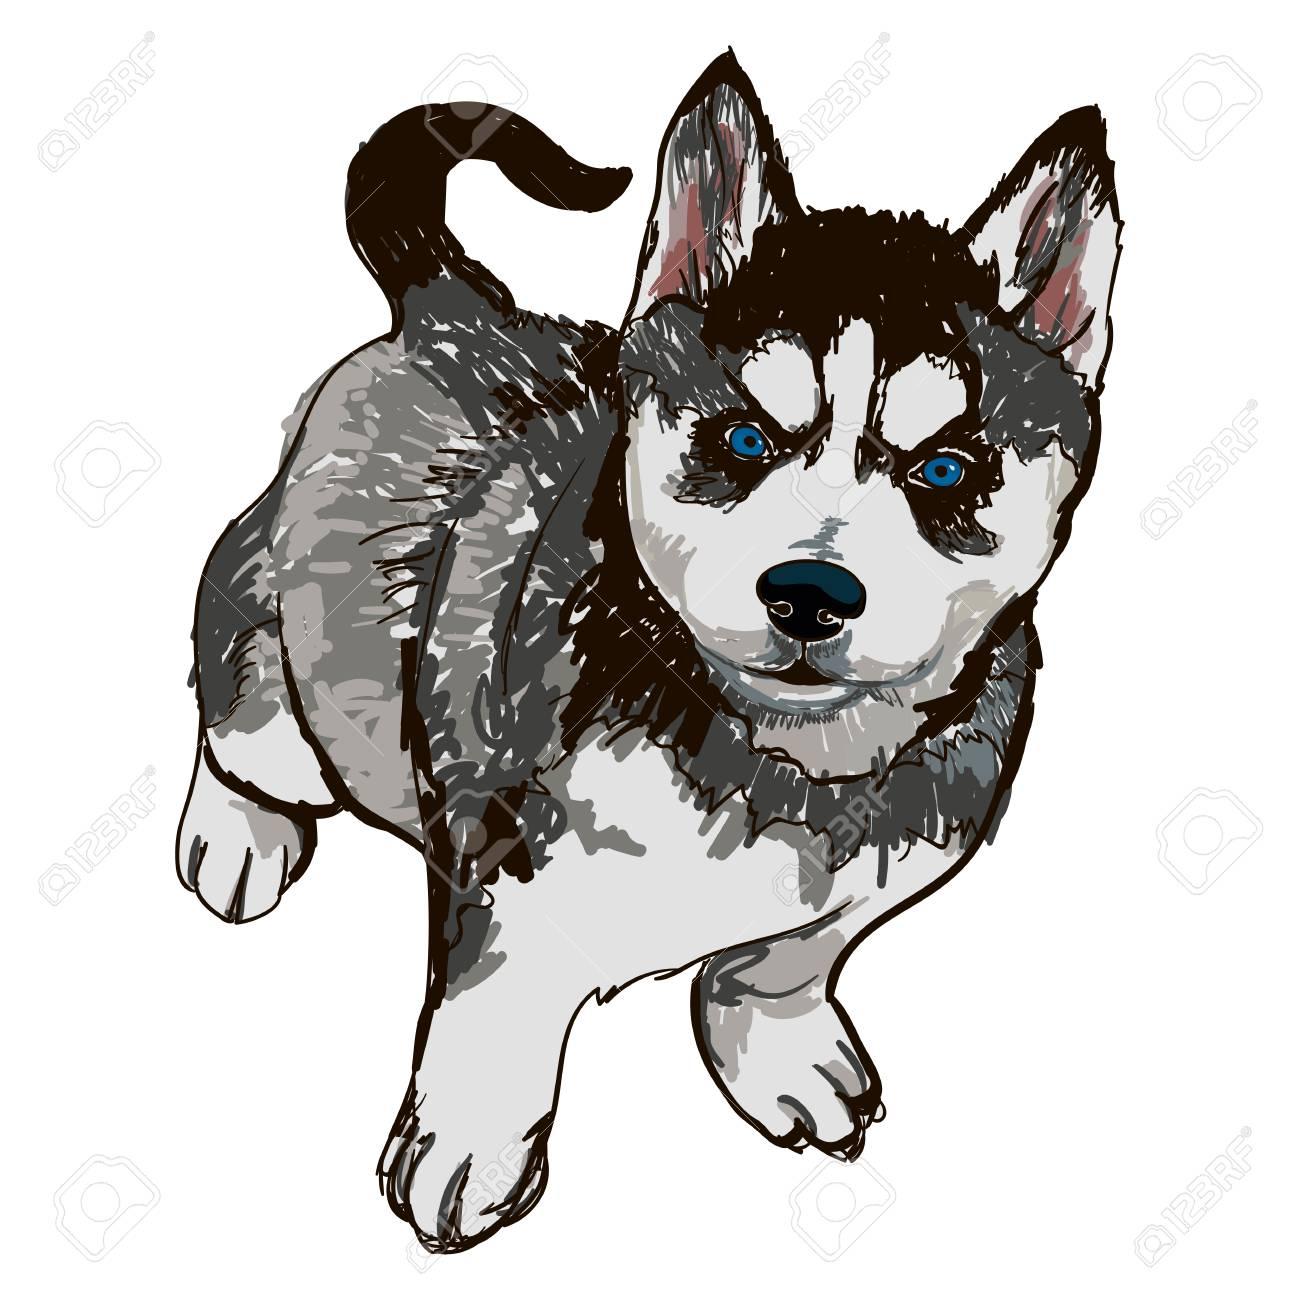 犬の品種品種ハスキーのイラストのイラスト素材ベクタ Image 87266742